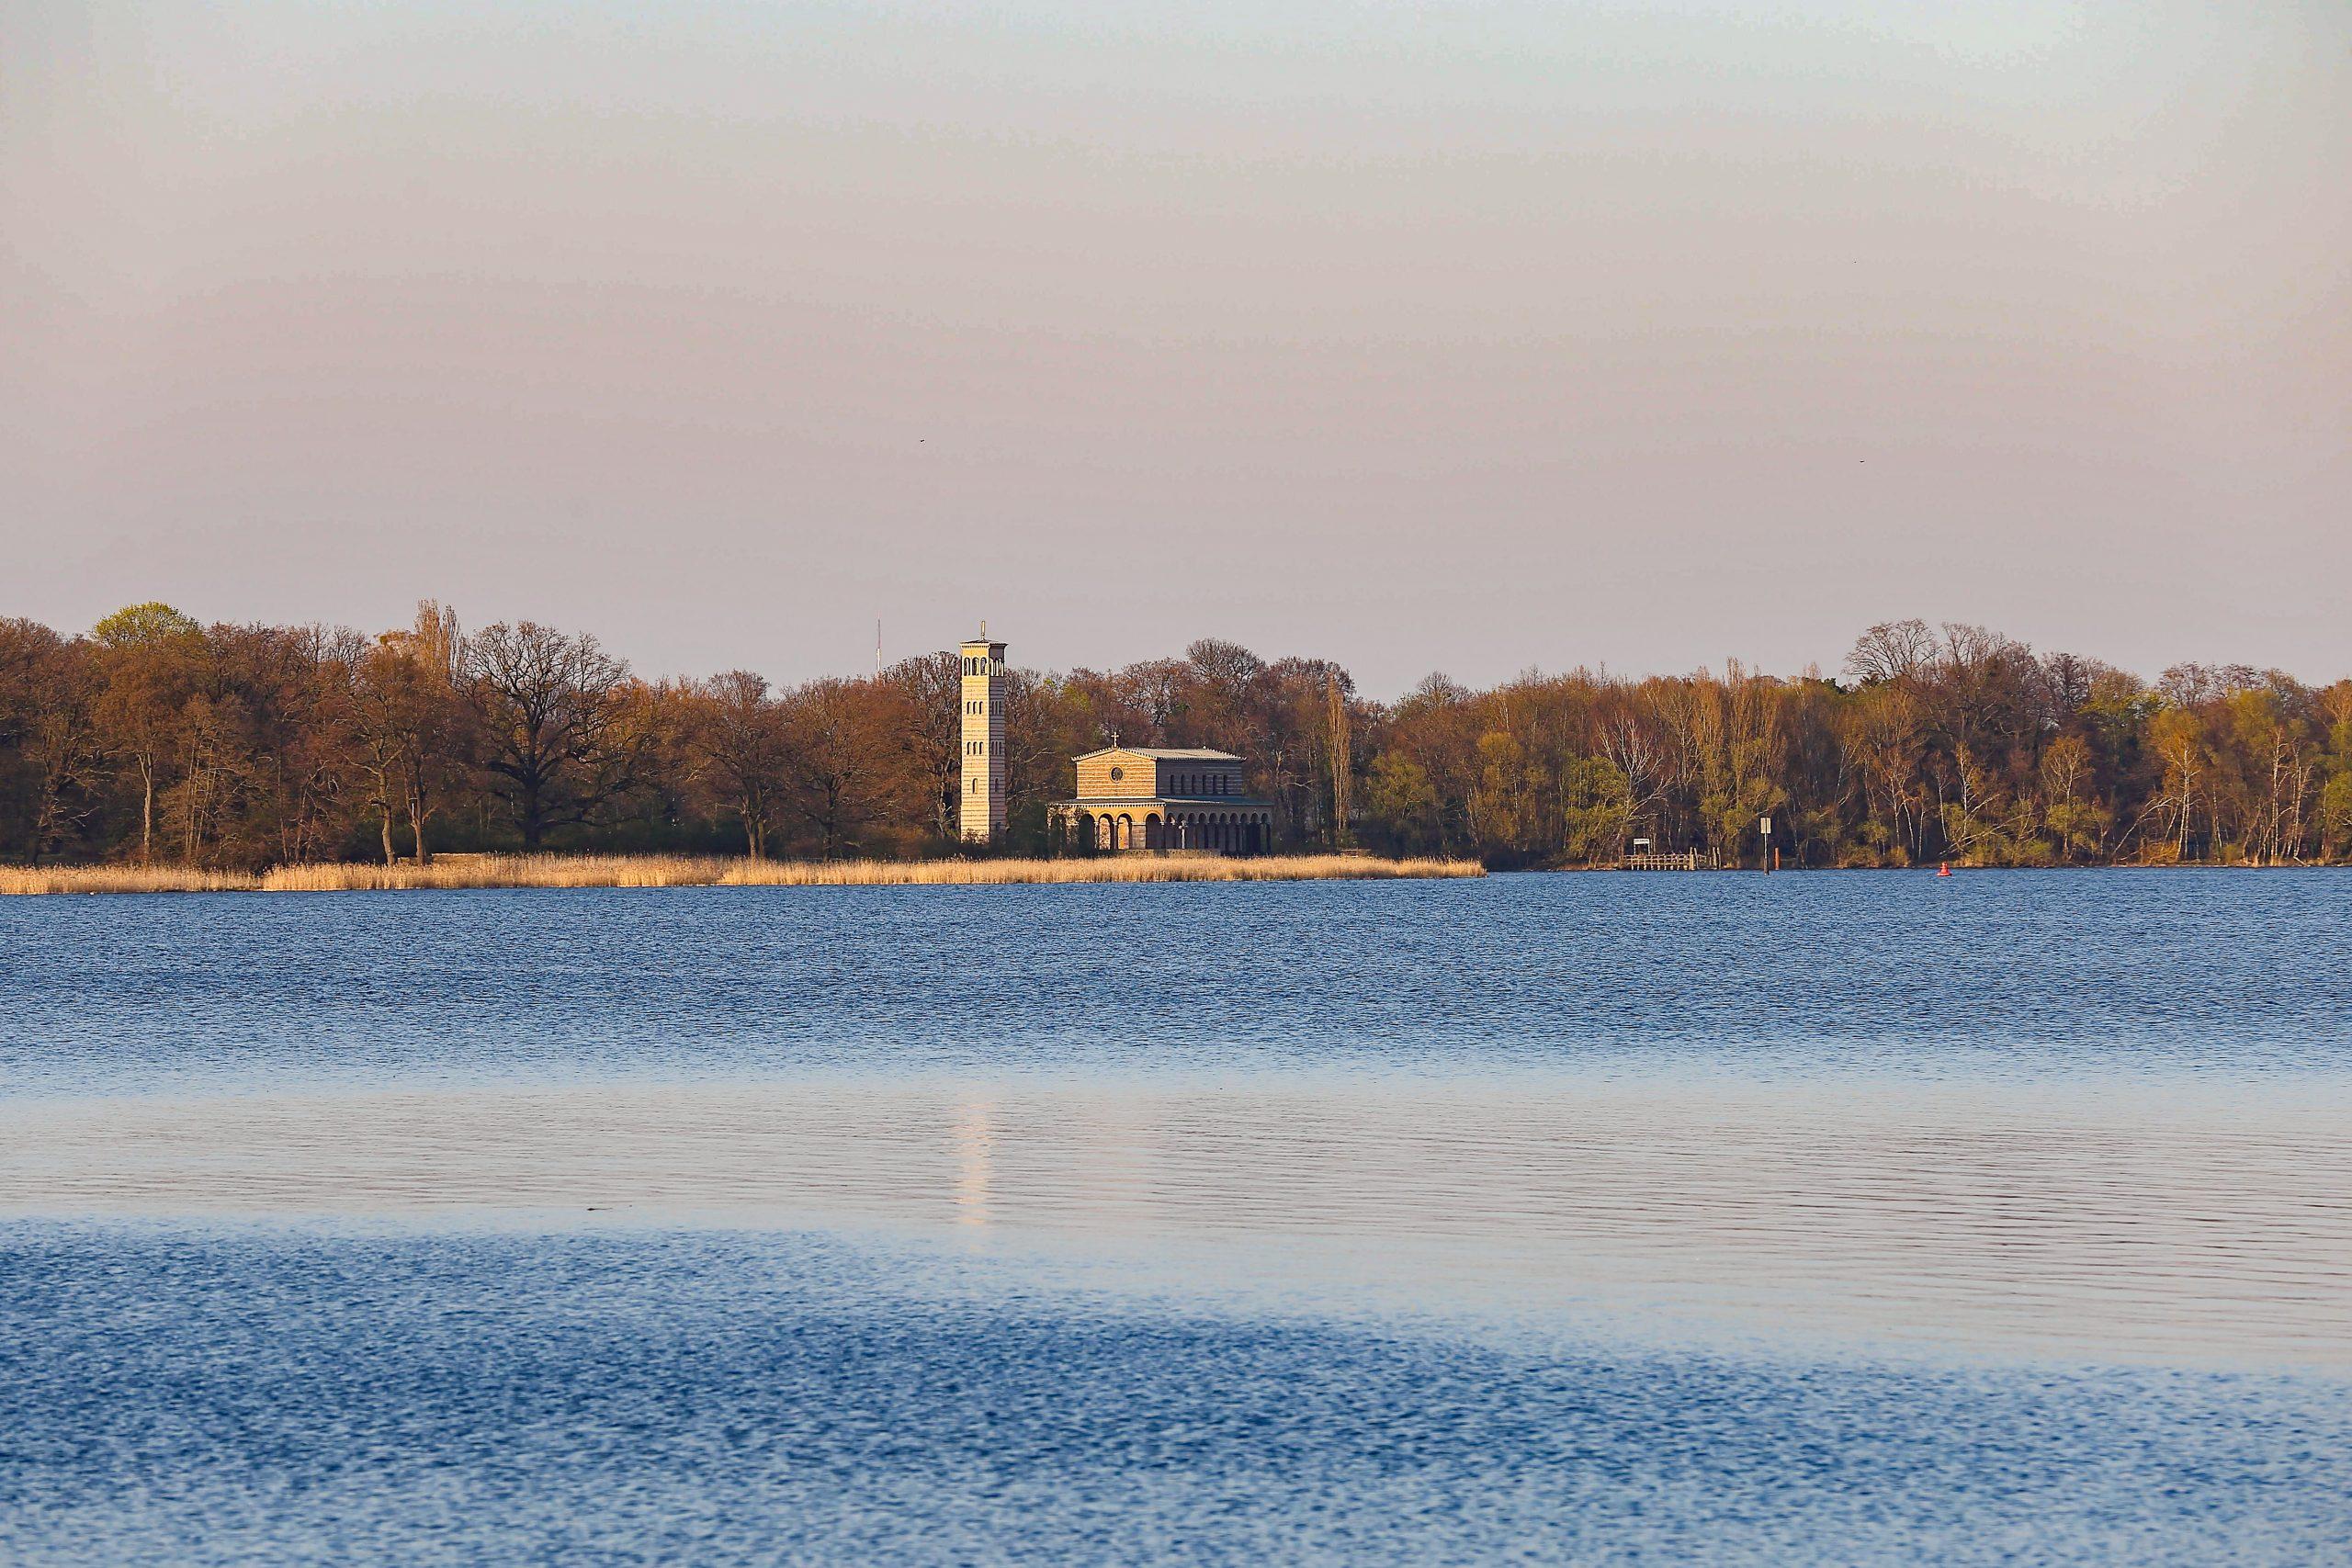 Vom Ufer aus deutlich zu sehen: die Heilandskirche Sacrow. Foto: Imago/Martin Müller